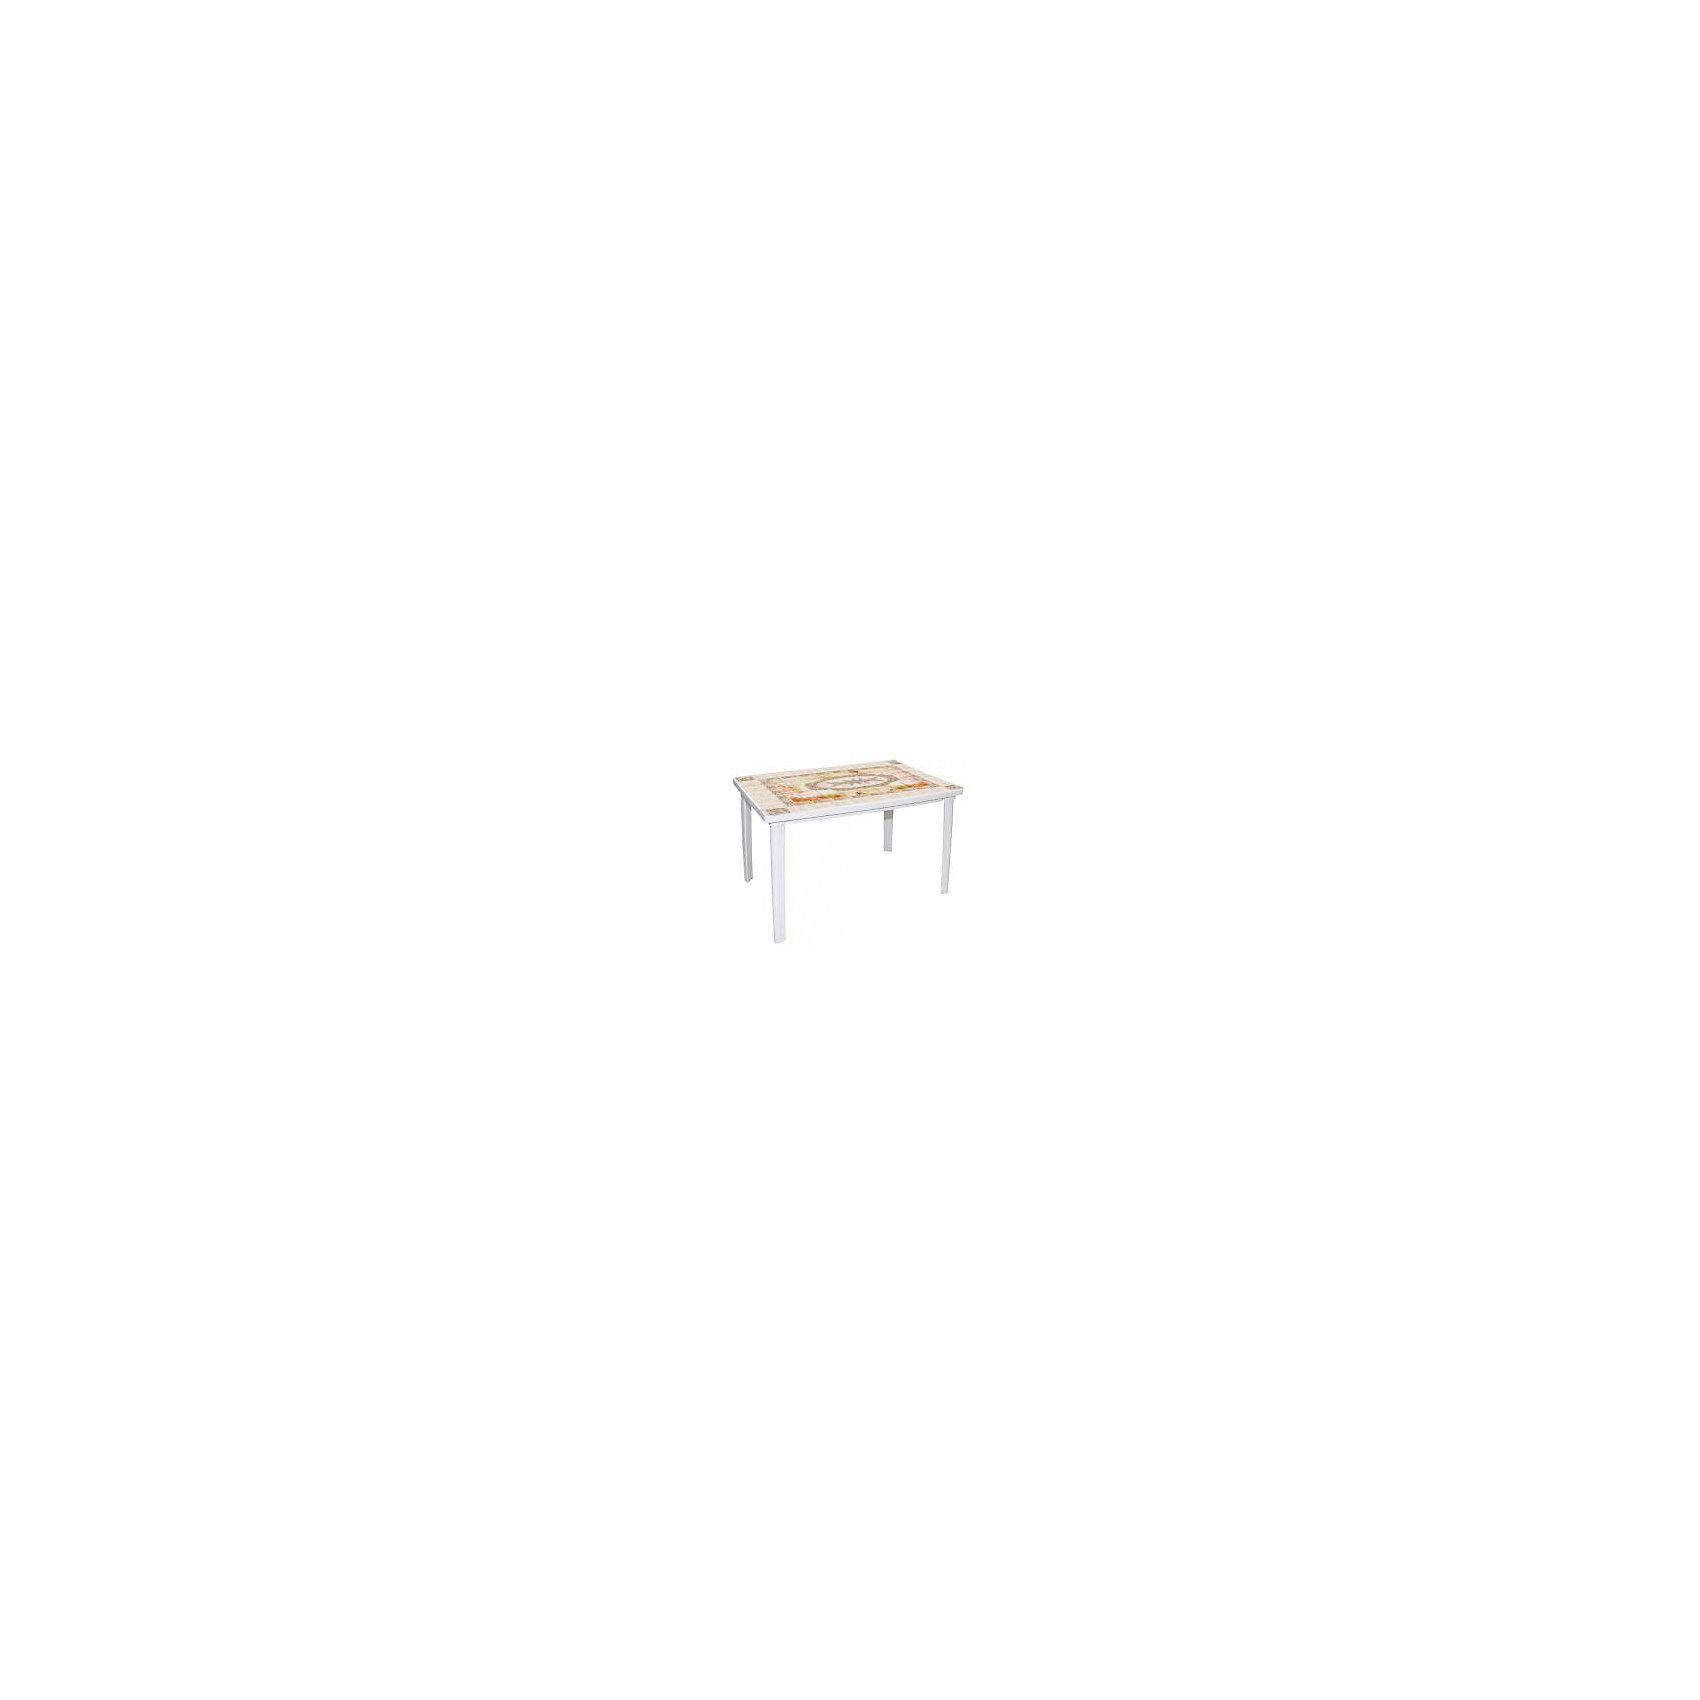 Стол Верона прямоуг1200х850х750, Alternativa, белыйСтол Верона прямоуг1200х850х750, Alternativa (Альтернатива), белый<br><br>Характеристики:<br><br>• привлекательный узор<br>• устойчивые ножки<br>• легко мыть<br>• материал: пластик<br>• размер: 120х85х75 см<br>• форма: прямоугольный<br>• вес: 6,344 кг<br>• цвет: белый<br><br>Стол Верона - настоящая находка для ценителей качественной и красивой мебели. Он изготовлен из высококачественного пластика и оформлен привлекательным узором в итальянском стиле. Ножки устойчиво располагаются на любой поверхности. Стол легко моется от загрязнений.<br><br>Стол Верона прямоуг1200х850х750, Alternativa (Альтернатива), белый вы можете купить в нашем интернет-магазине.<br><br>Ширина мм: 1200<br>Глубина мм: 850<br>Высота мм: 750<br>Вес г: 6344<br>Возраст от месяцев: 216<br>Возраст до месяцев: 1188<br>Пол: Унисекс<br>Возраст: Детский<br>SKU: 5475667